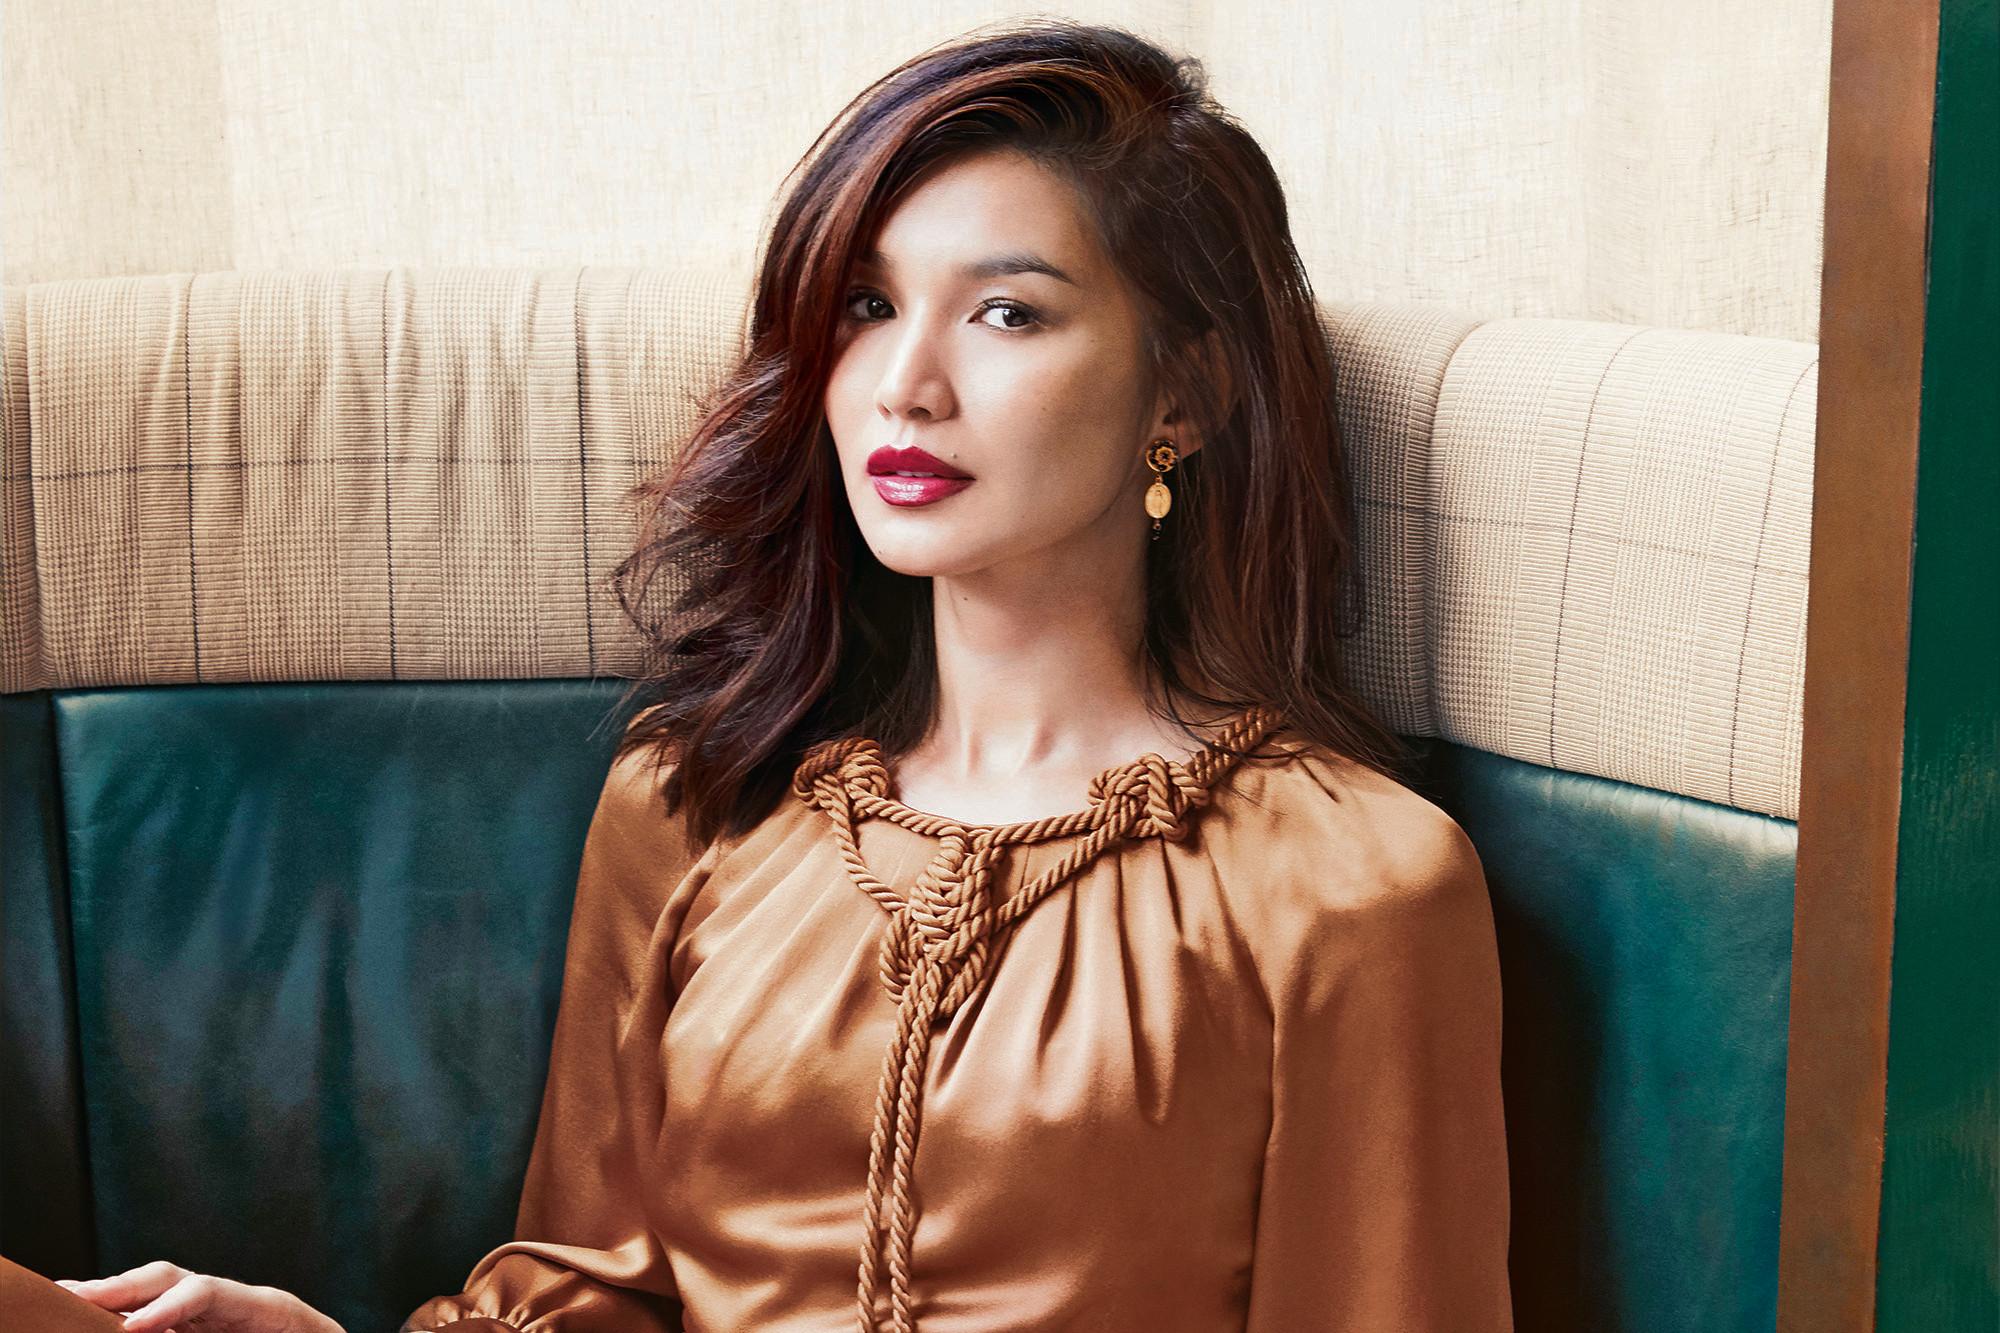 'Crazy Rich Asians' star Gemma Chan heats up Hollywood